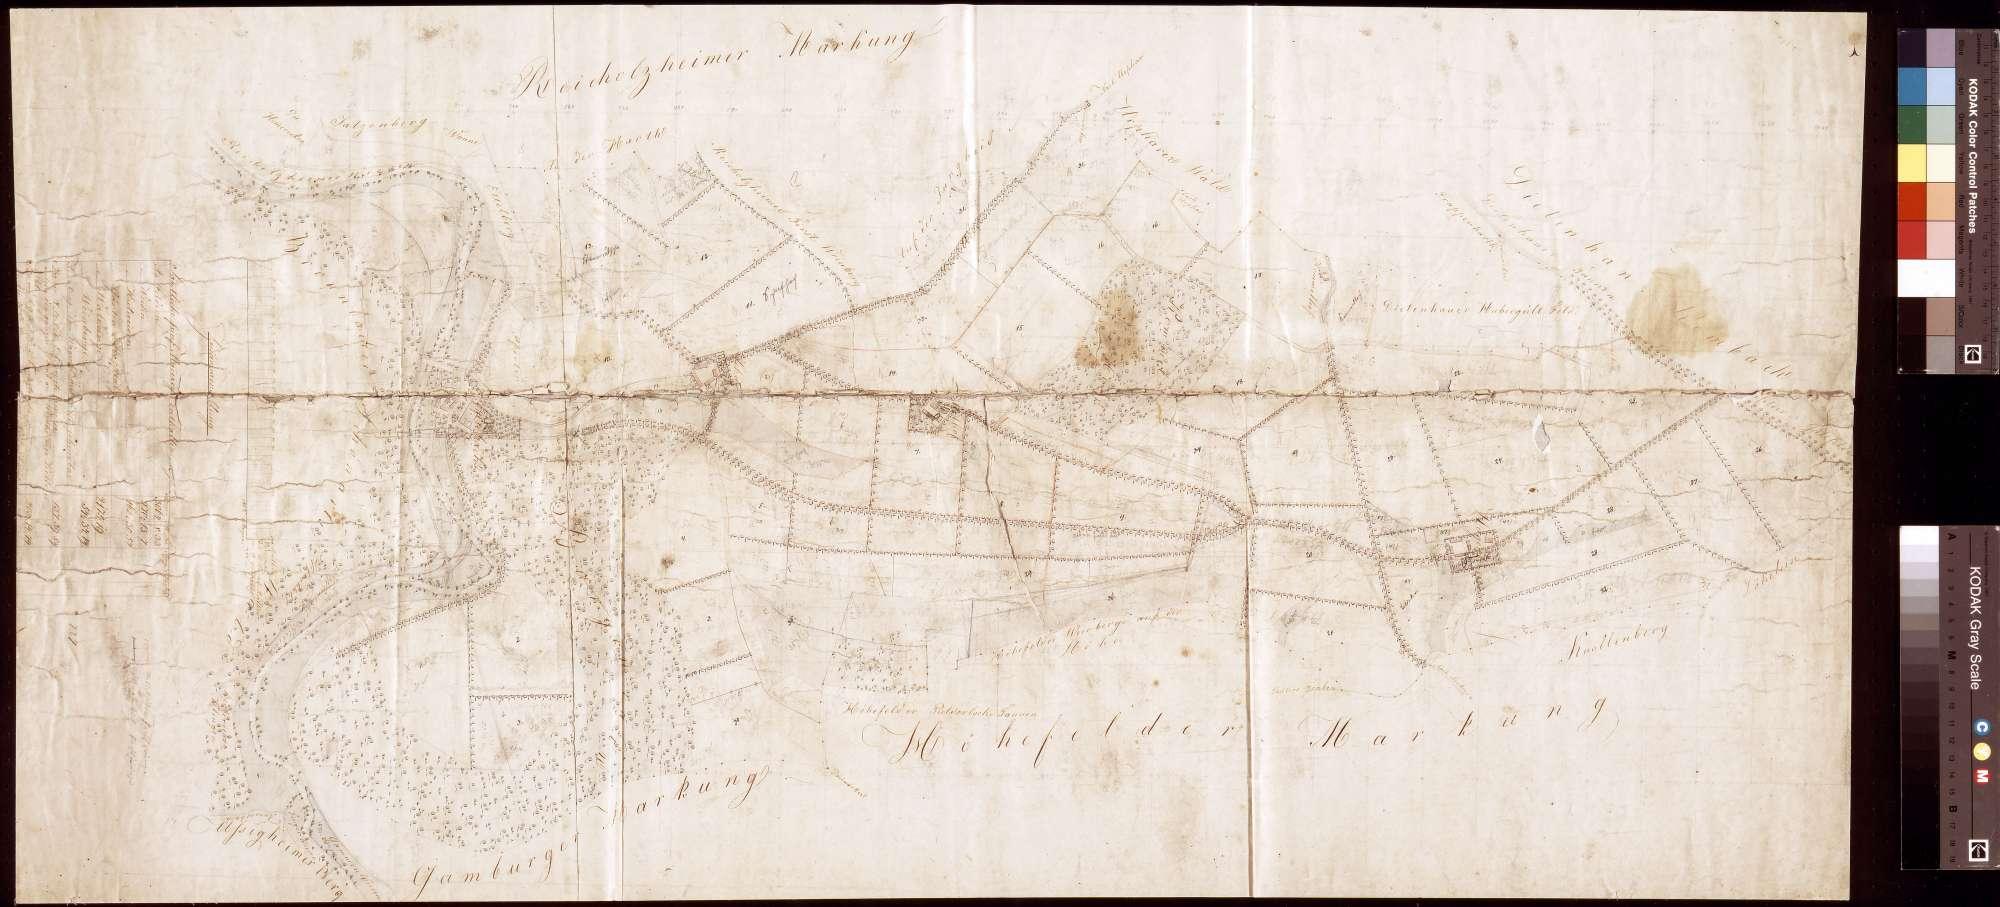 [Vermessung der Bronnbacher Gemarkung östlich der Tauber] (Inselkarte), Bild 1